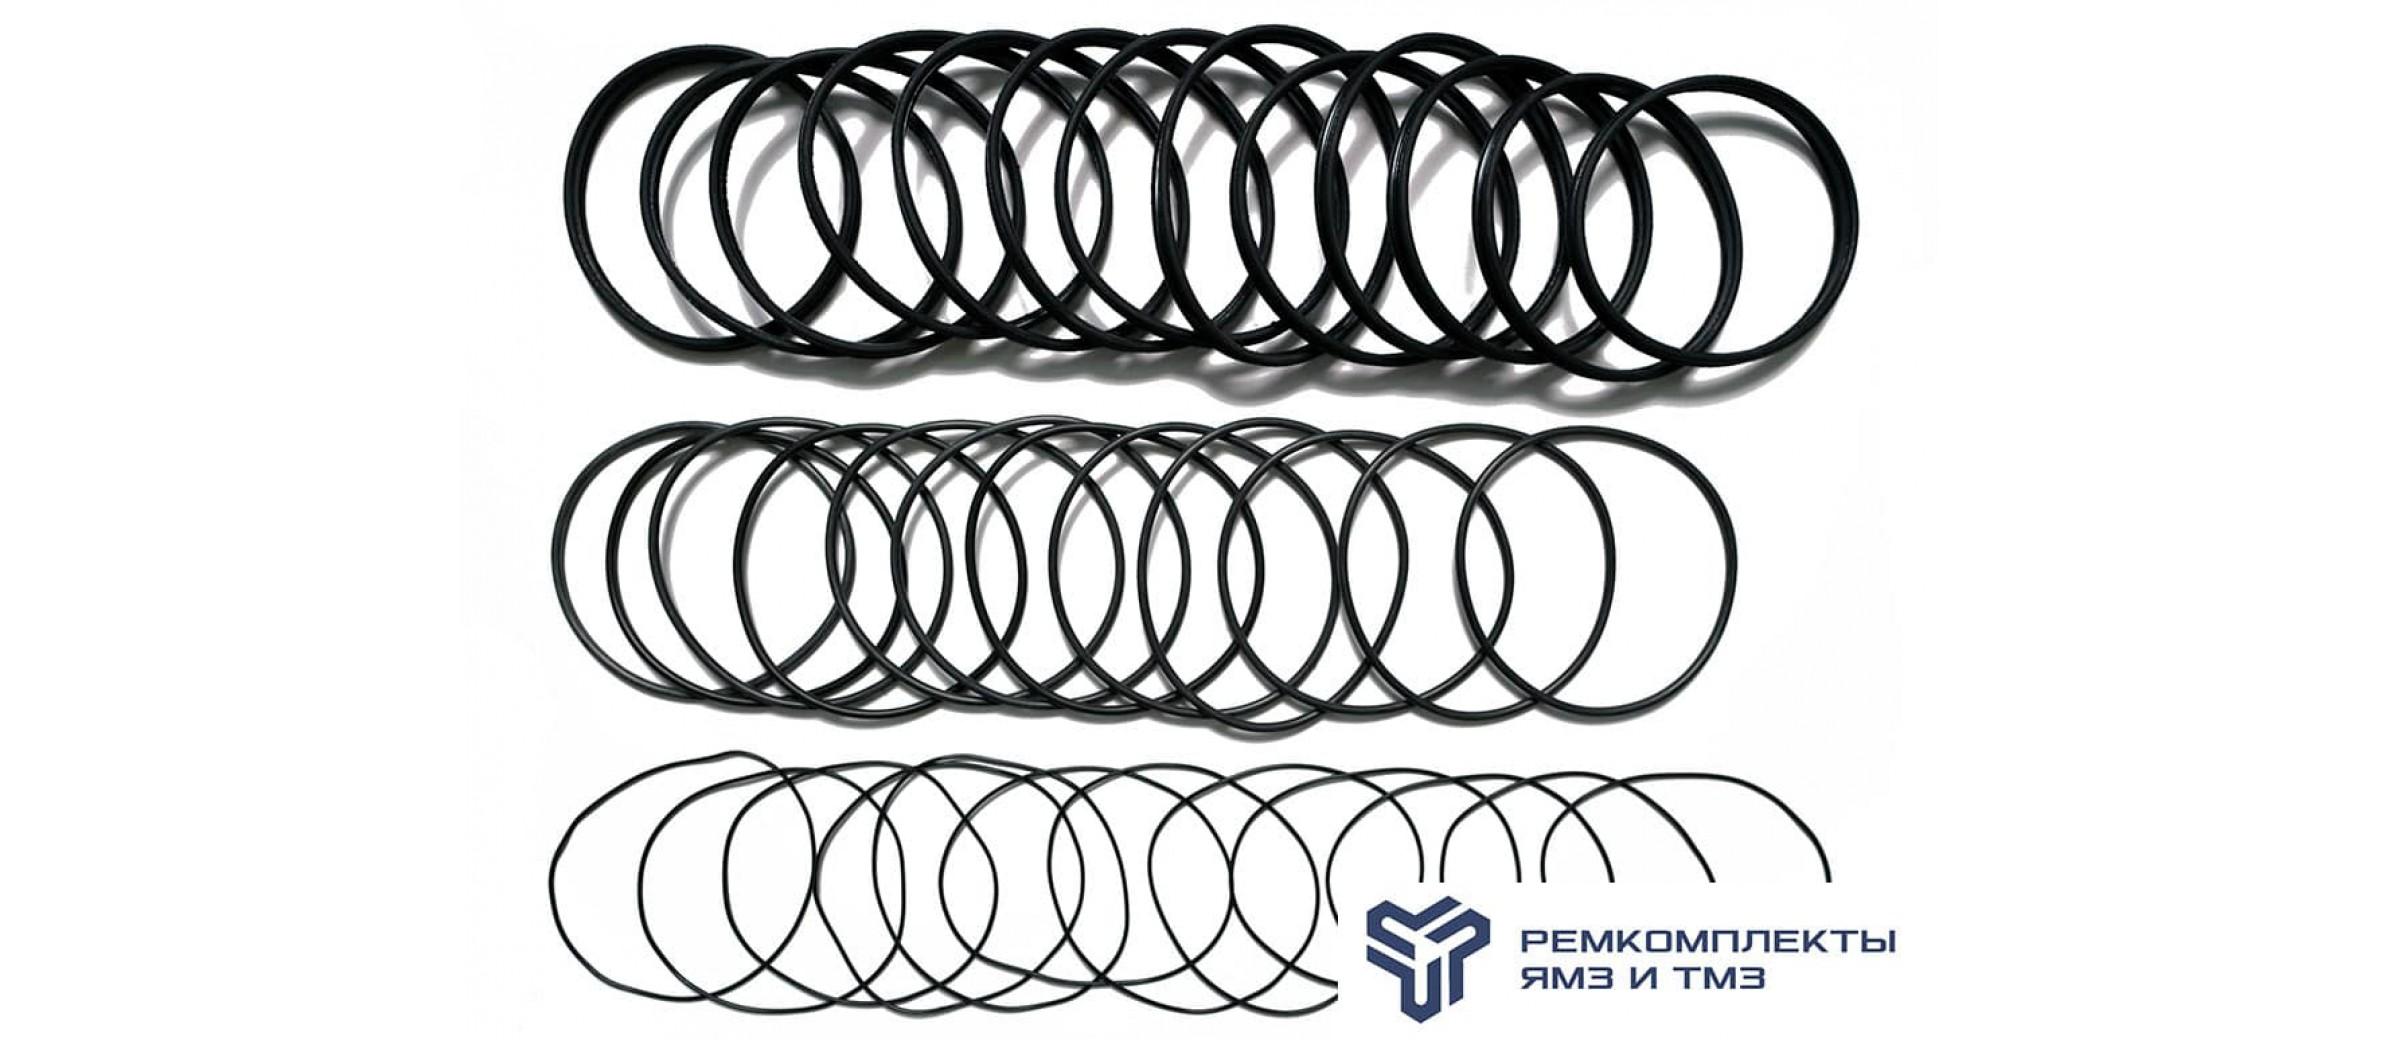 Комплект уплотнительных колец гильз (полный)